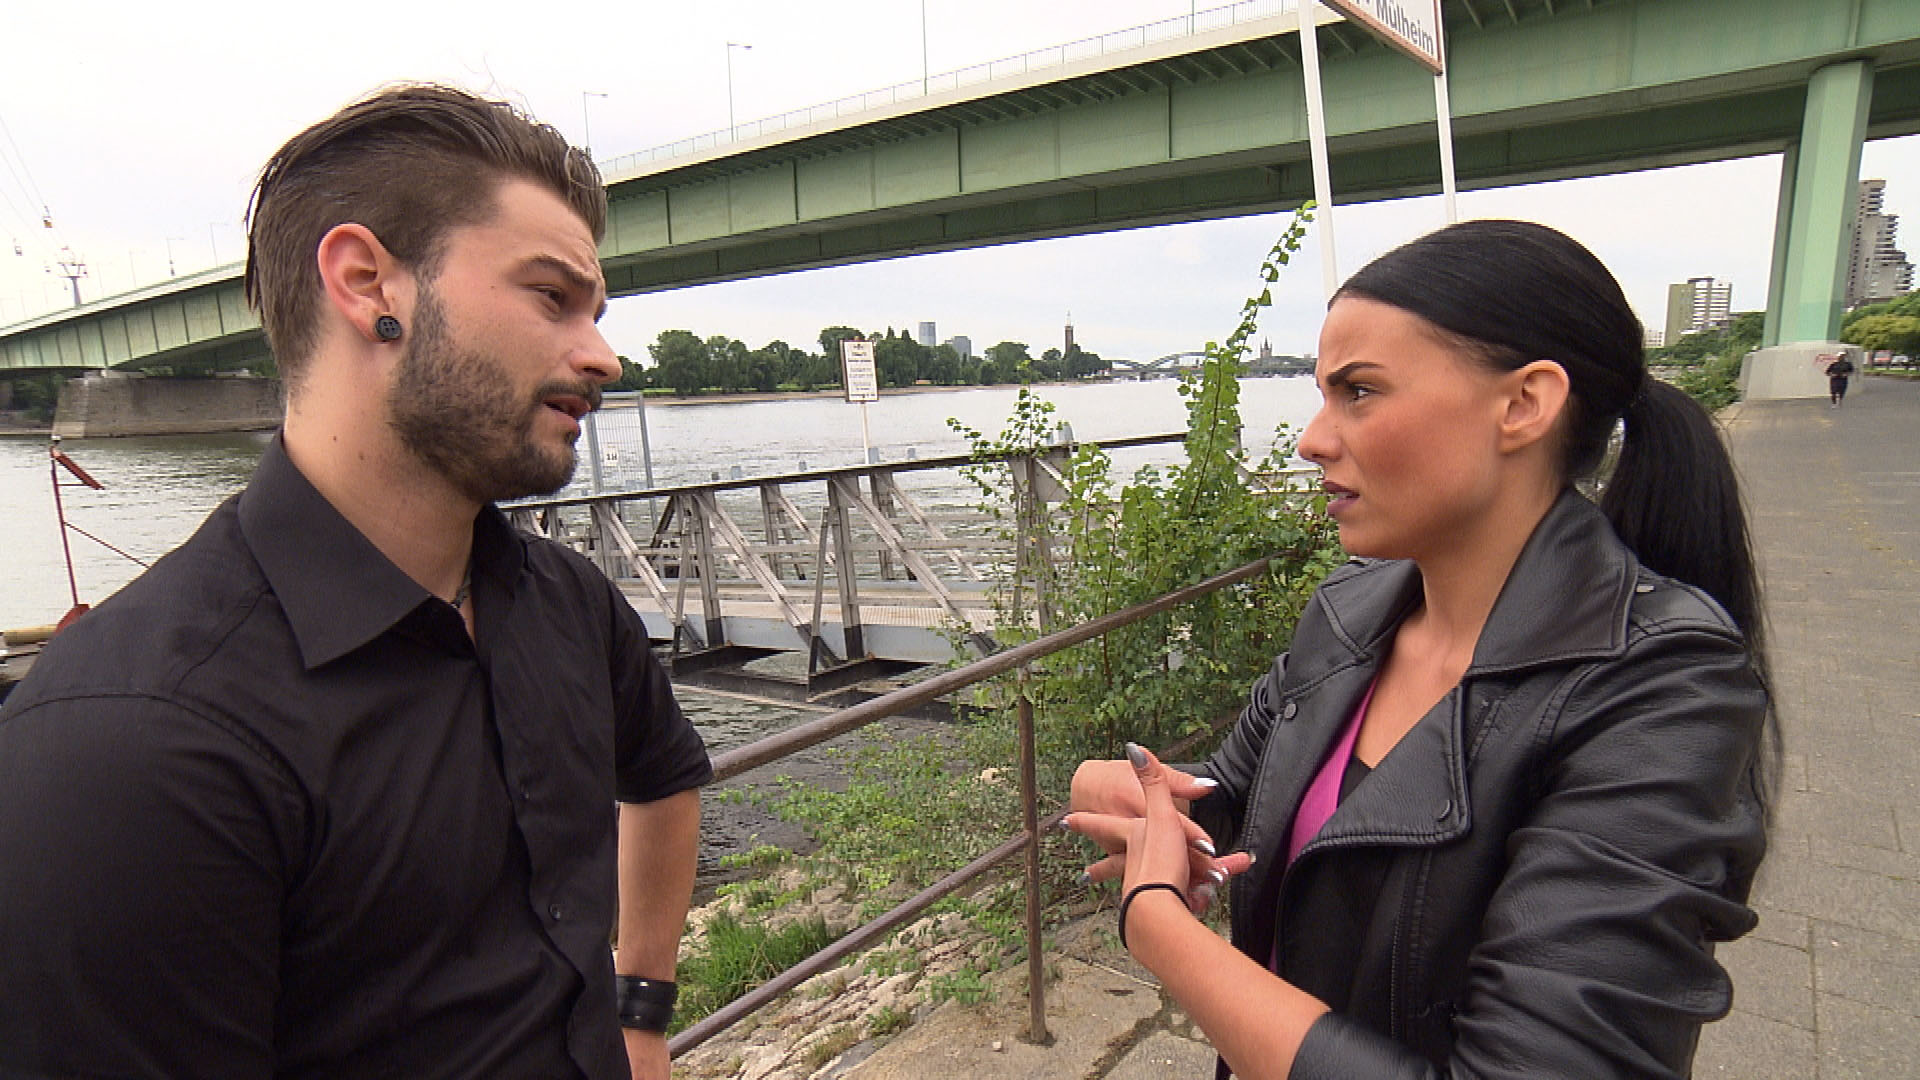 Dana (re.) wird schon morgens von Nico (li.) überrascht, der betrunken mit ihr reden will. (Quelle: RTL 2)